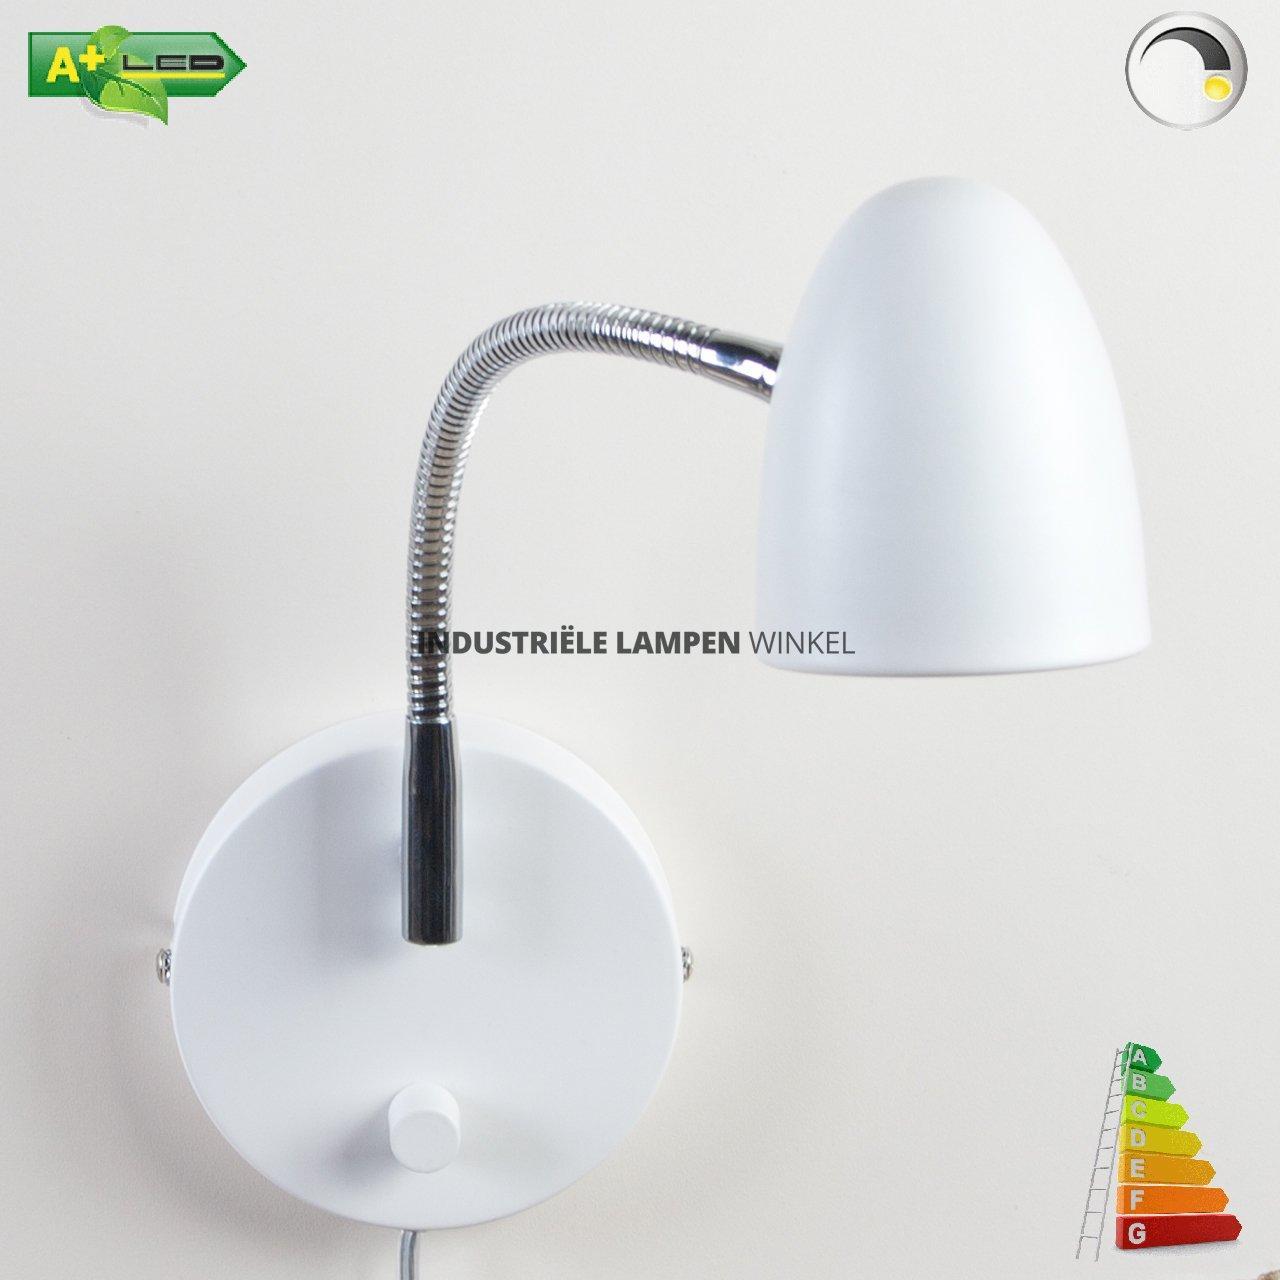 Wand slaapkamer leeslamp met flexibele arm Cone wit met dimmer